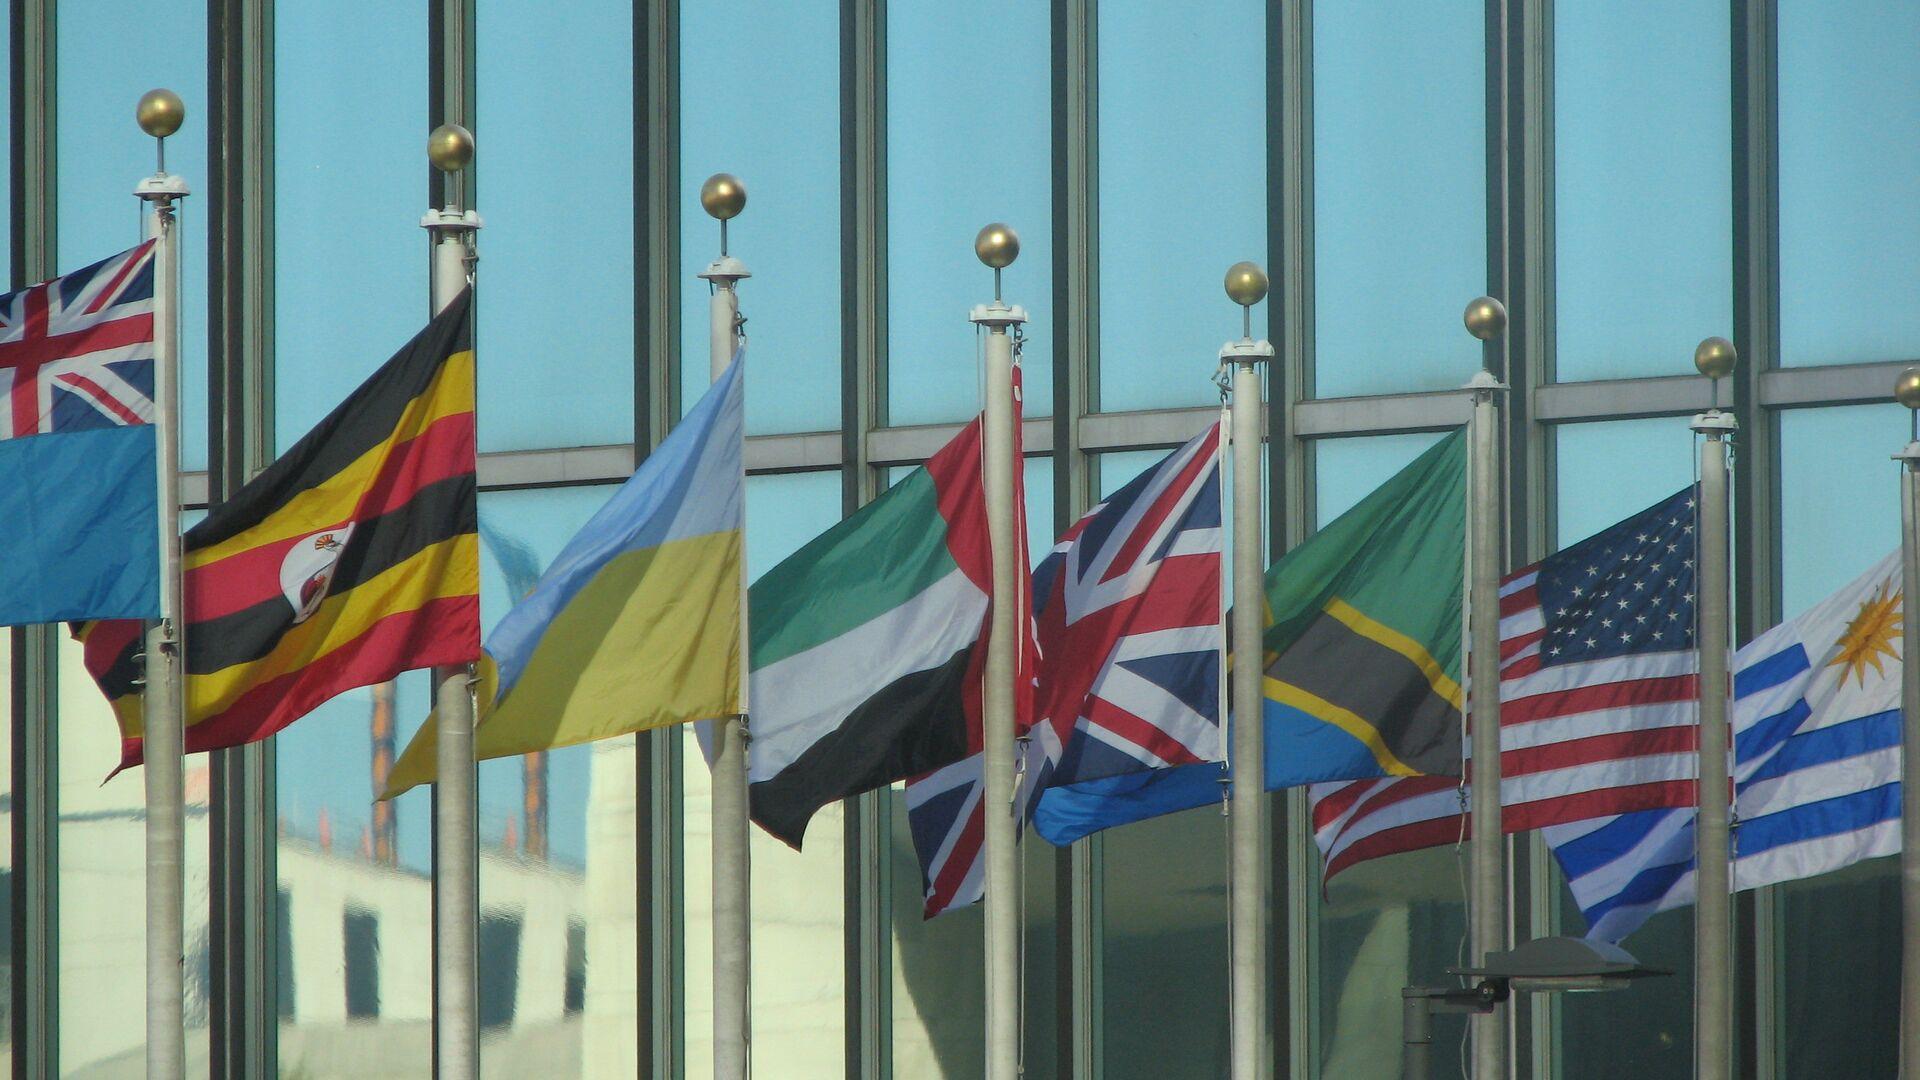 Assemblée générale des Nations unies (New York) - Sputnik France, 1920, 18.08.2021